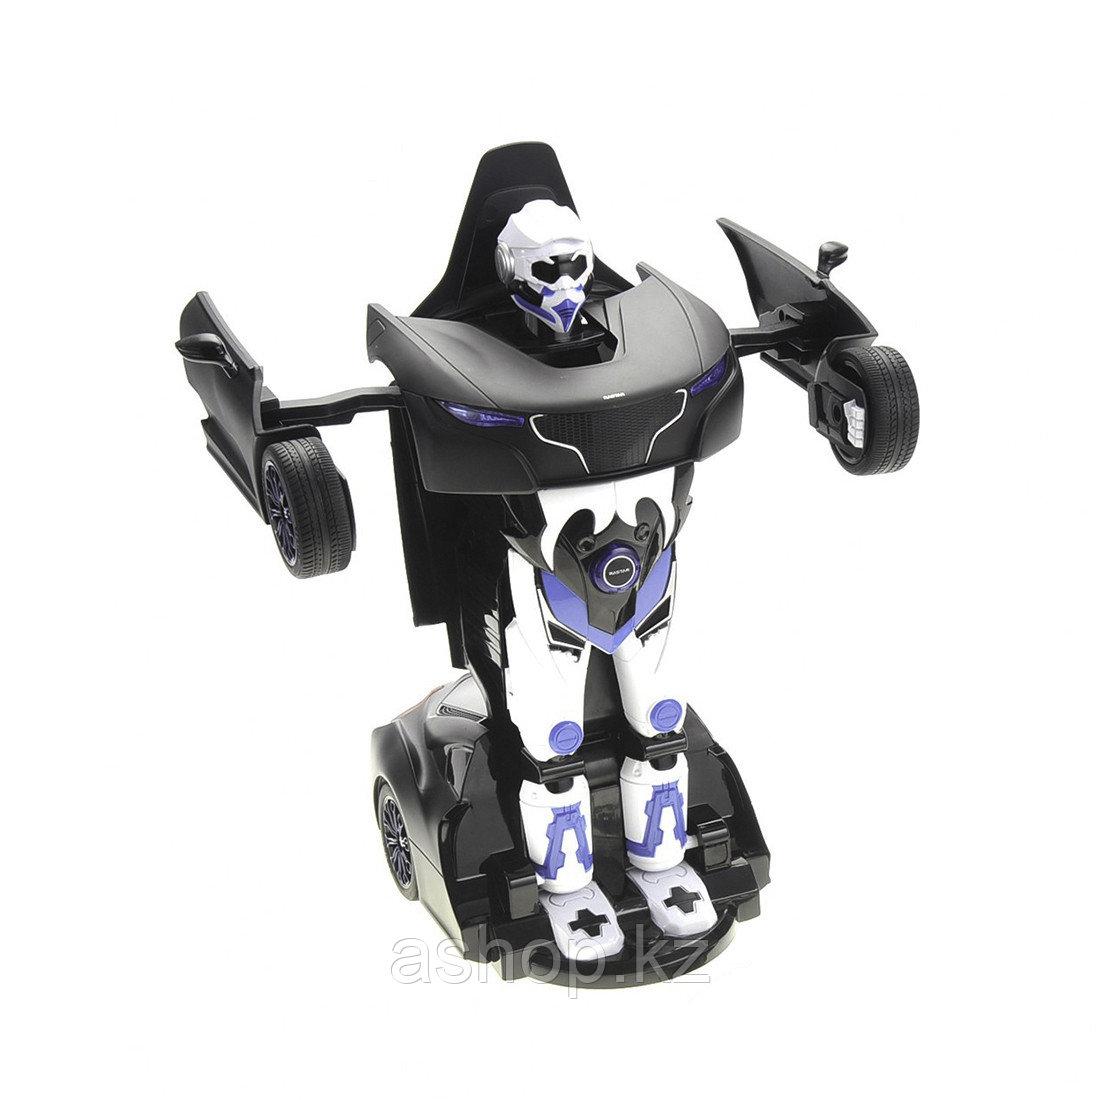 Игрушка трансформер Rastar RS Transformable car, Трансформации: Робот, автомобиль, Цвет: Чёрный, (61810B)